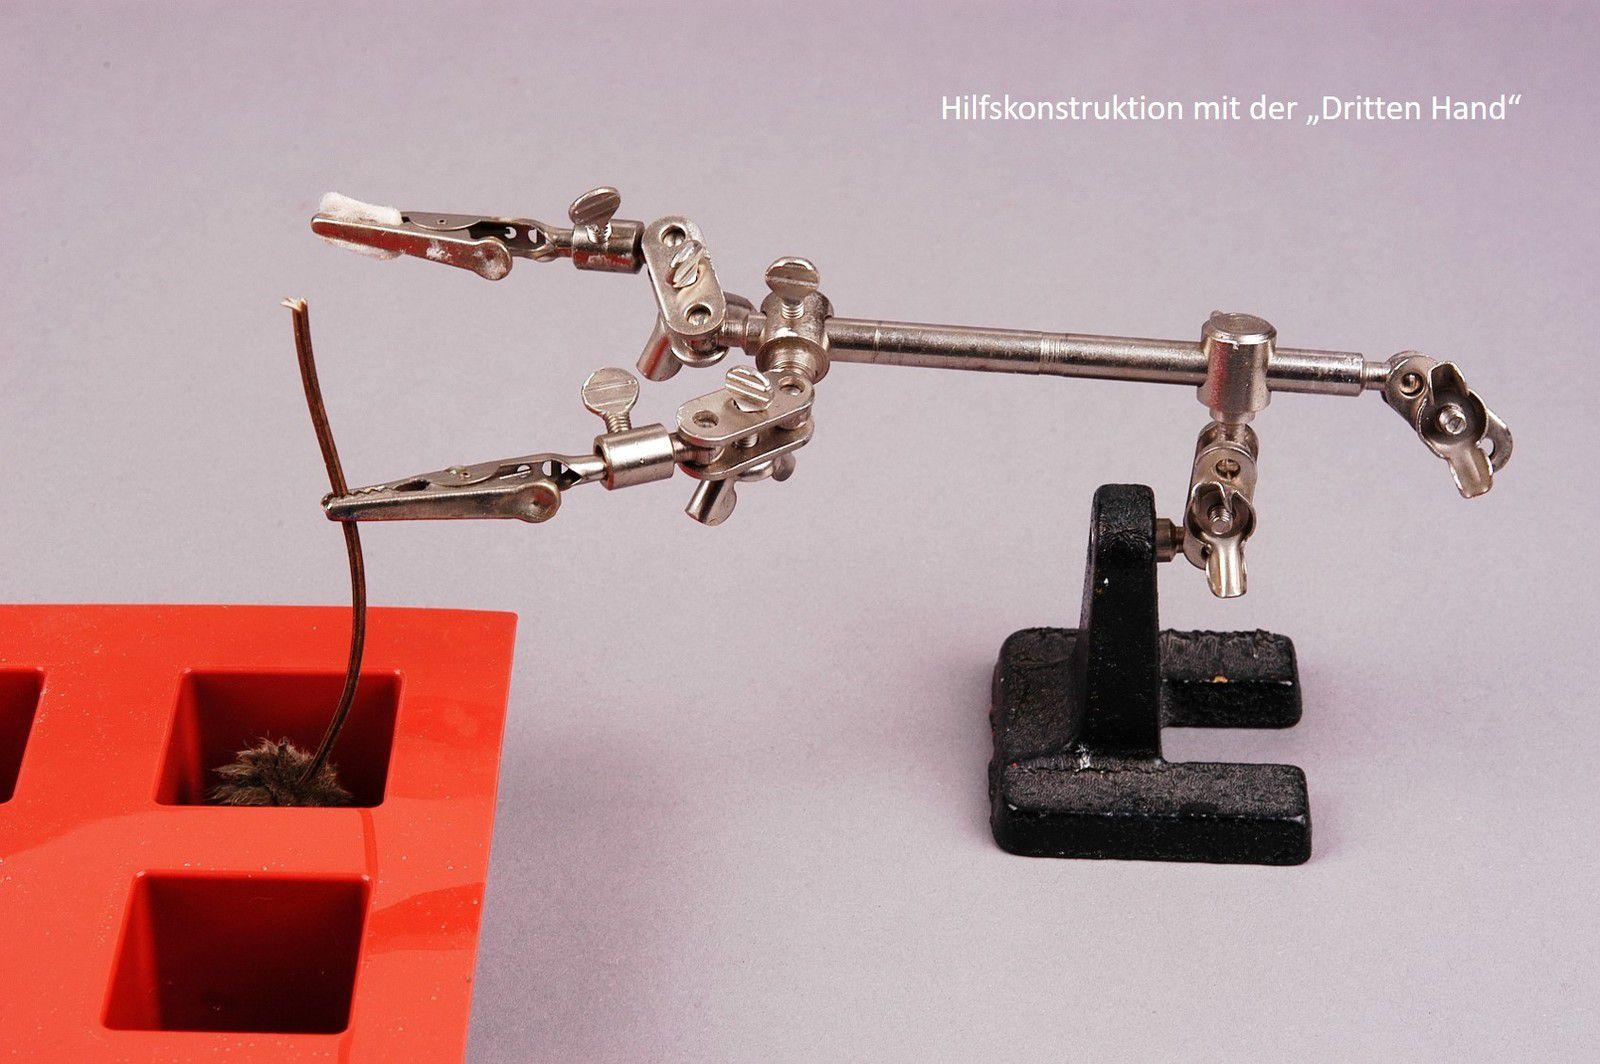 Das Objekt wird von oben in die Silikonform hineingehängt. Es sollte nicht am Boden der Silikonform aufsitzen.